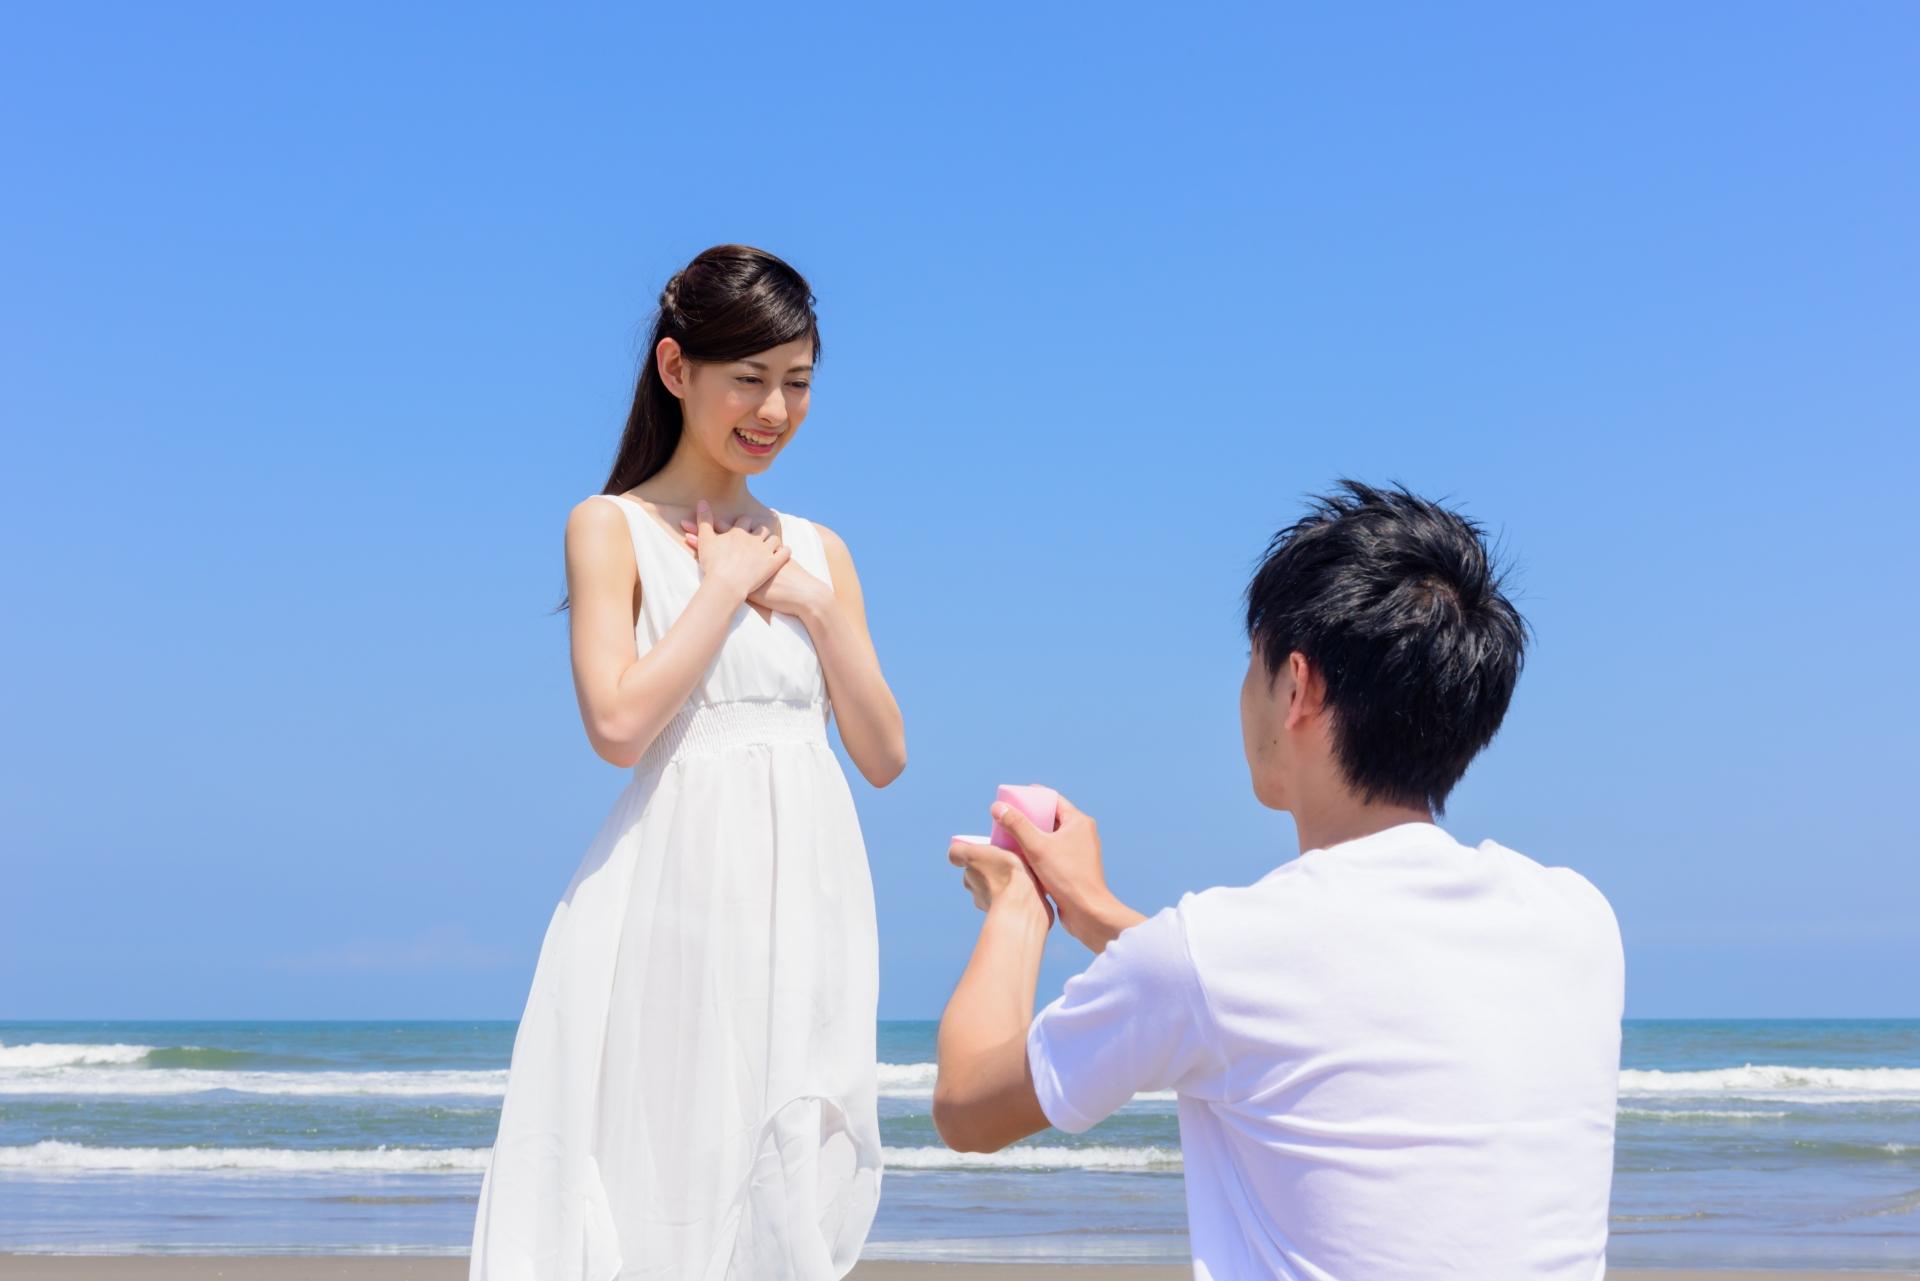 プロポーズをされた!!結婚が決まった後何をするの??